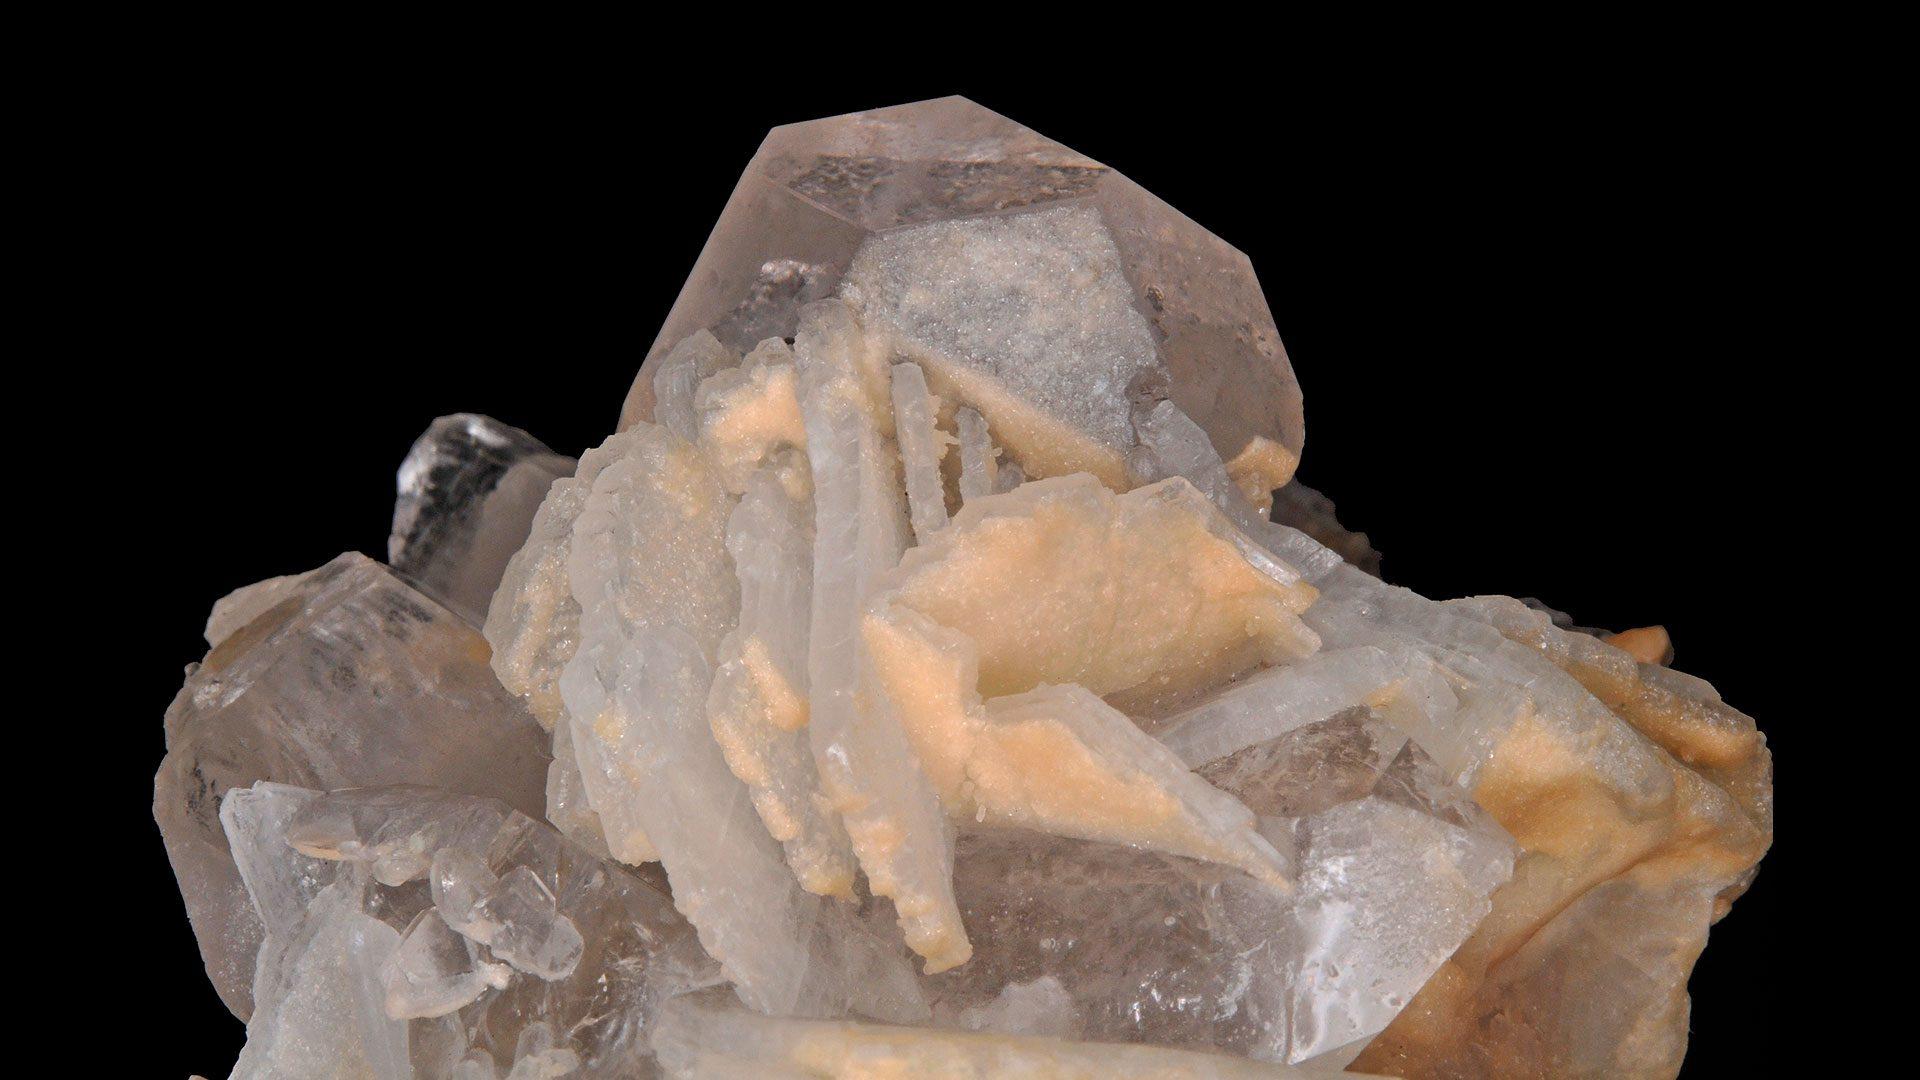 Morganite Crystal Specimen - Photograph by Parent Géry